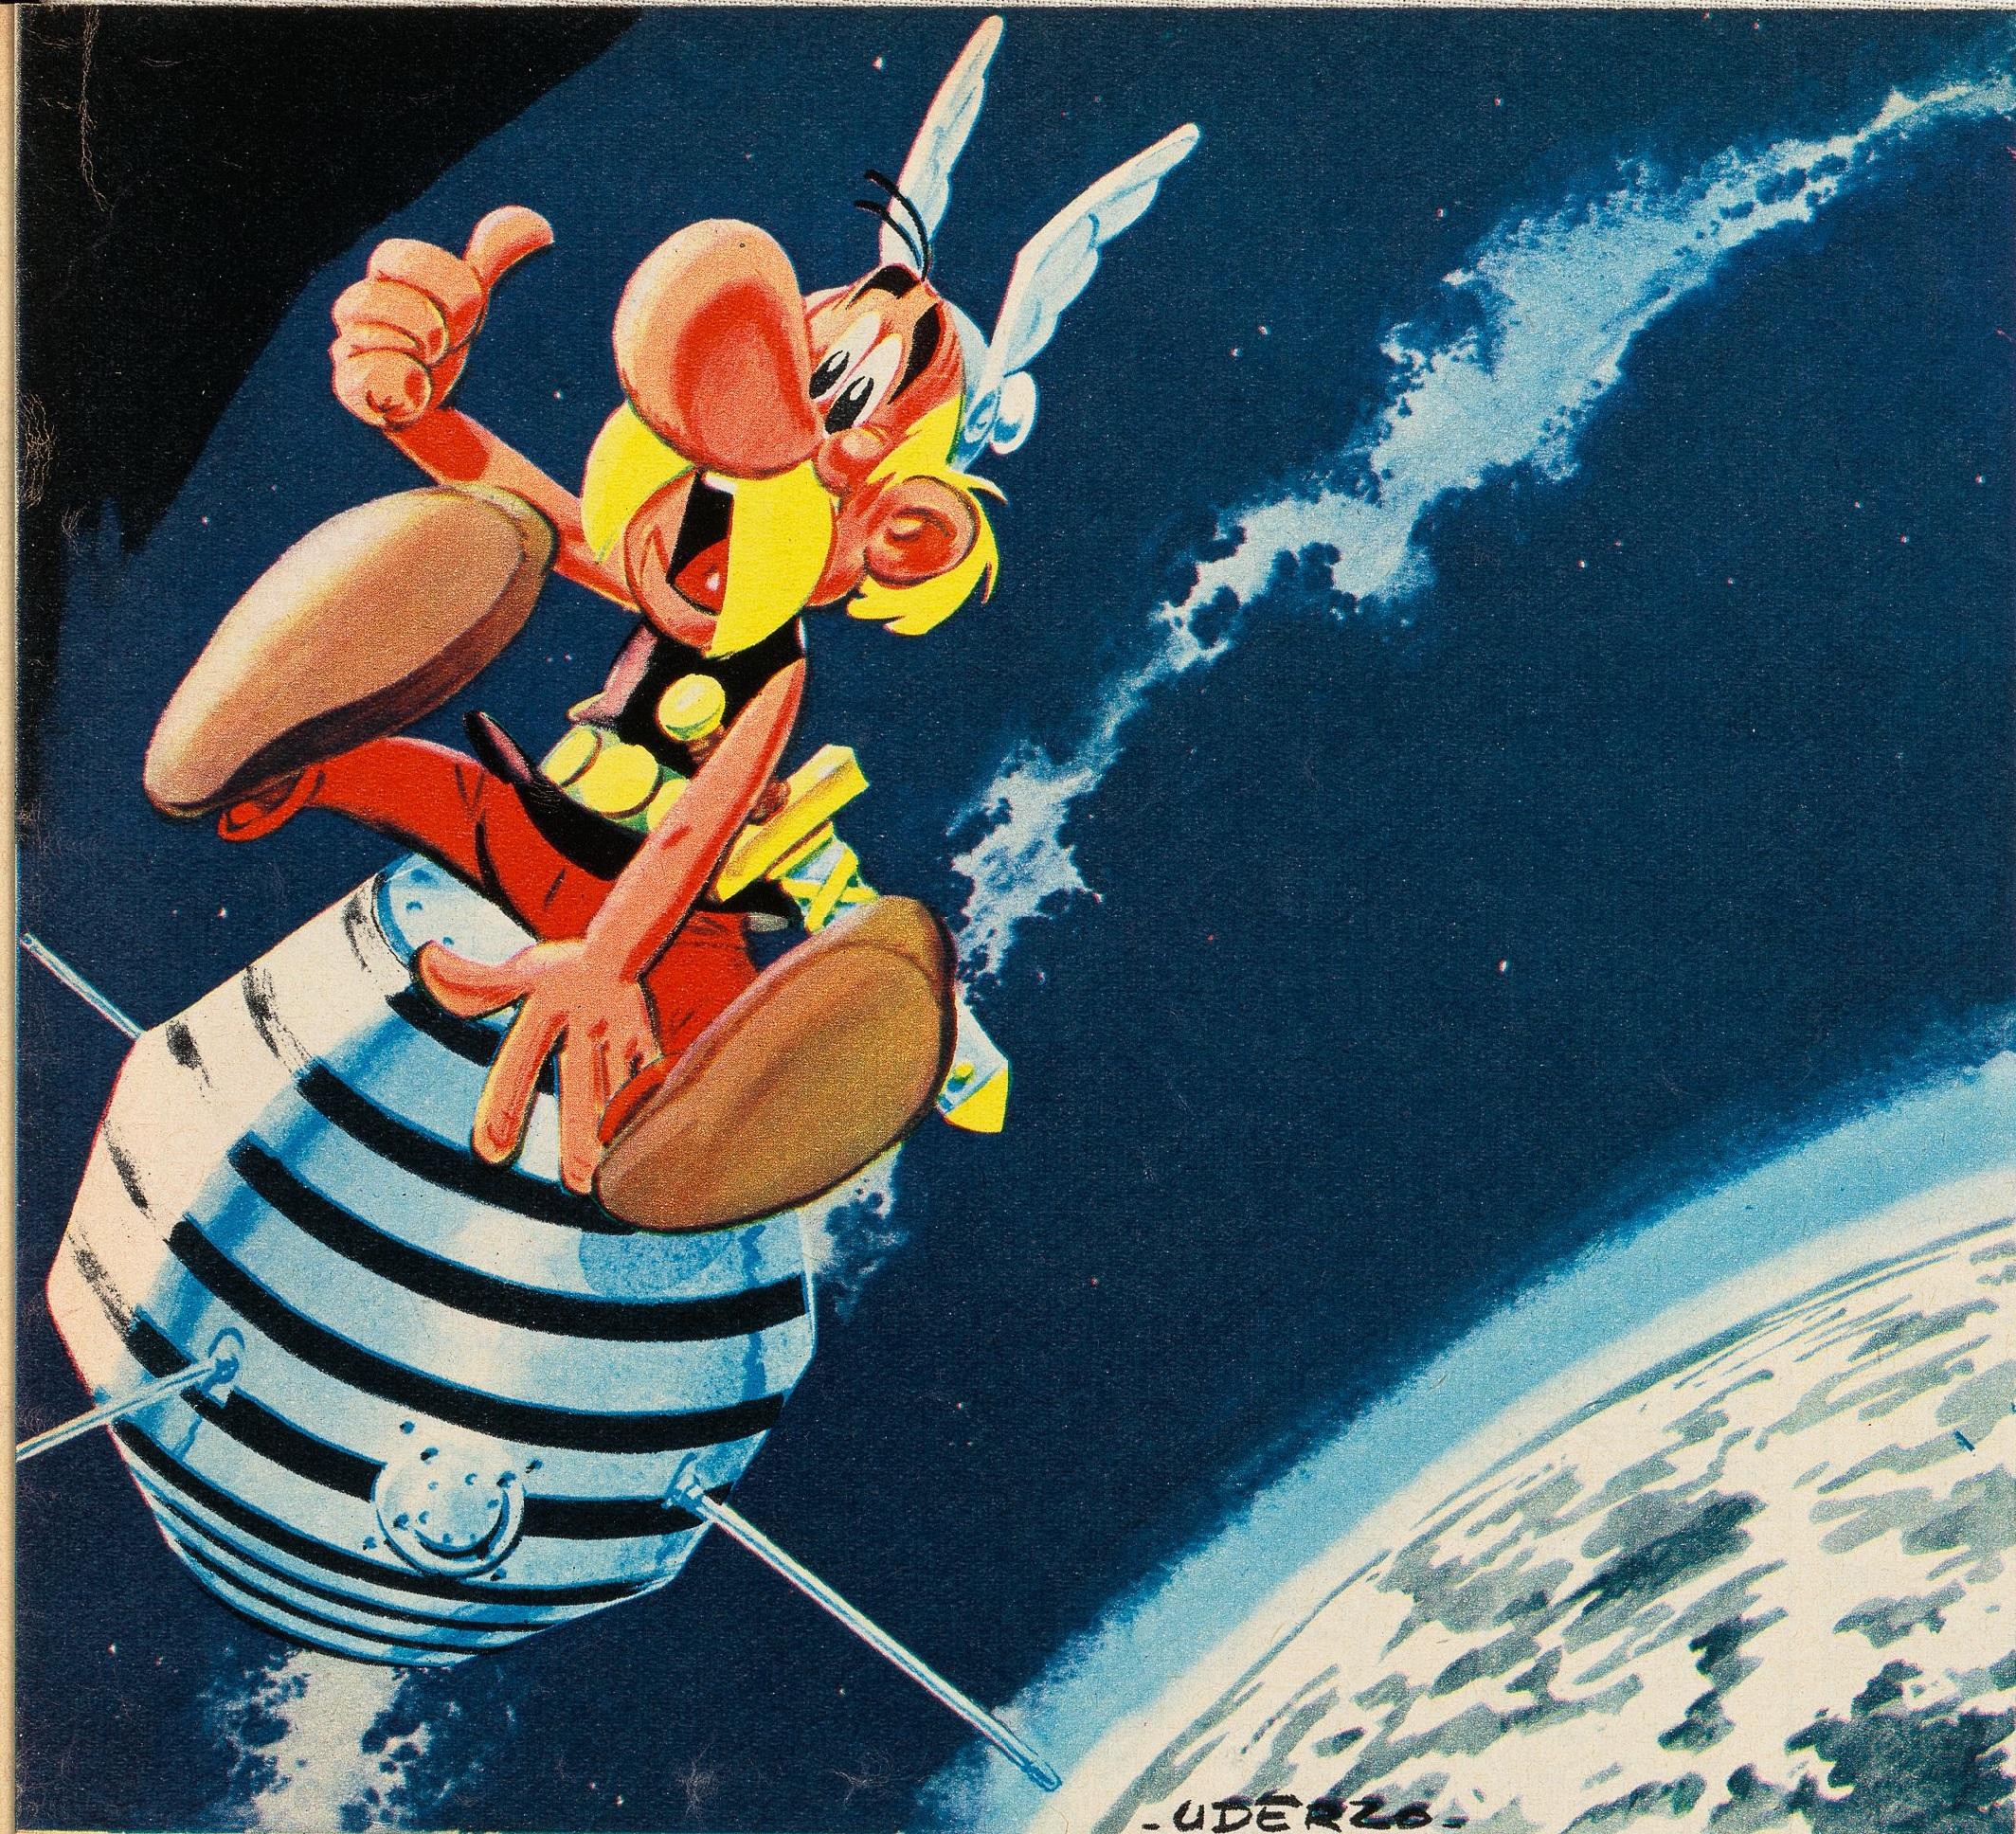 Illustration von Astérix A1 mit der gleichnamigen Comic-Figur, Quelle: CNES